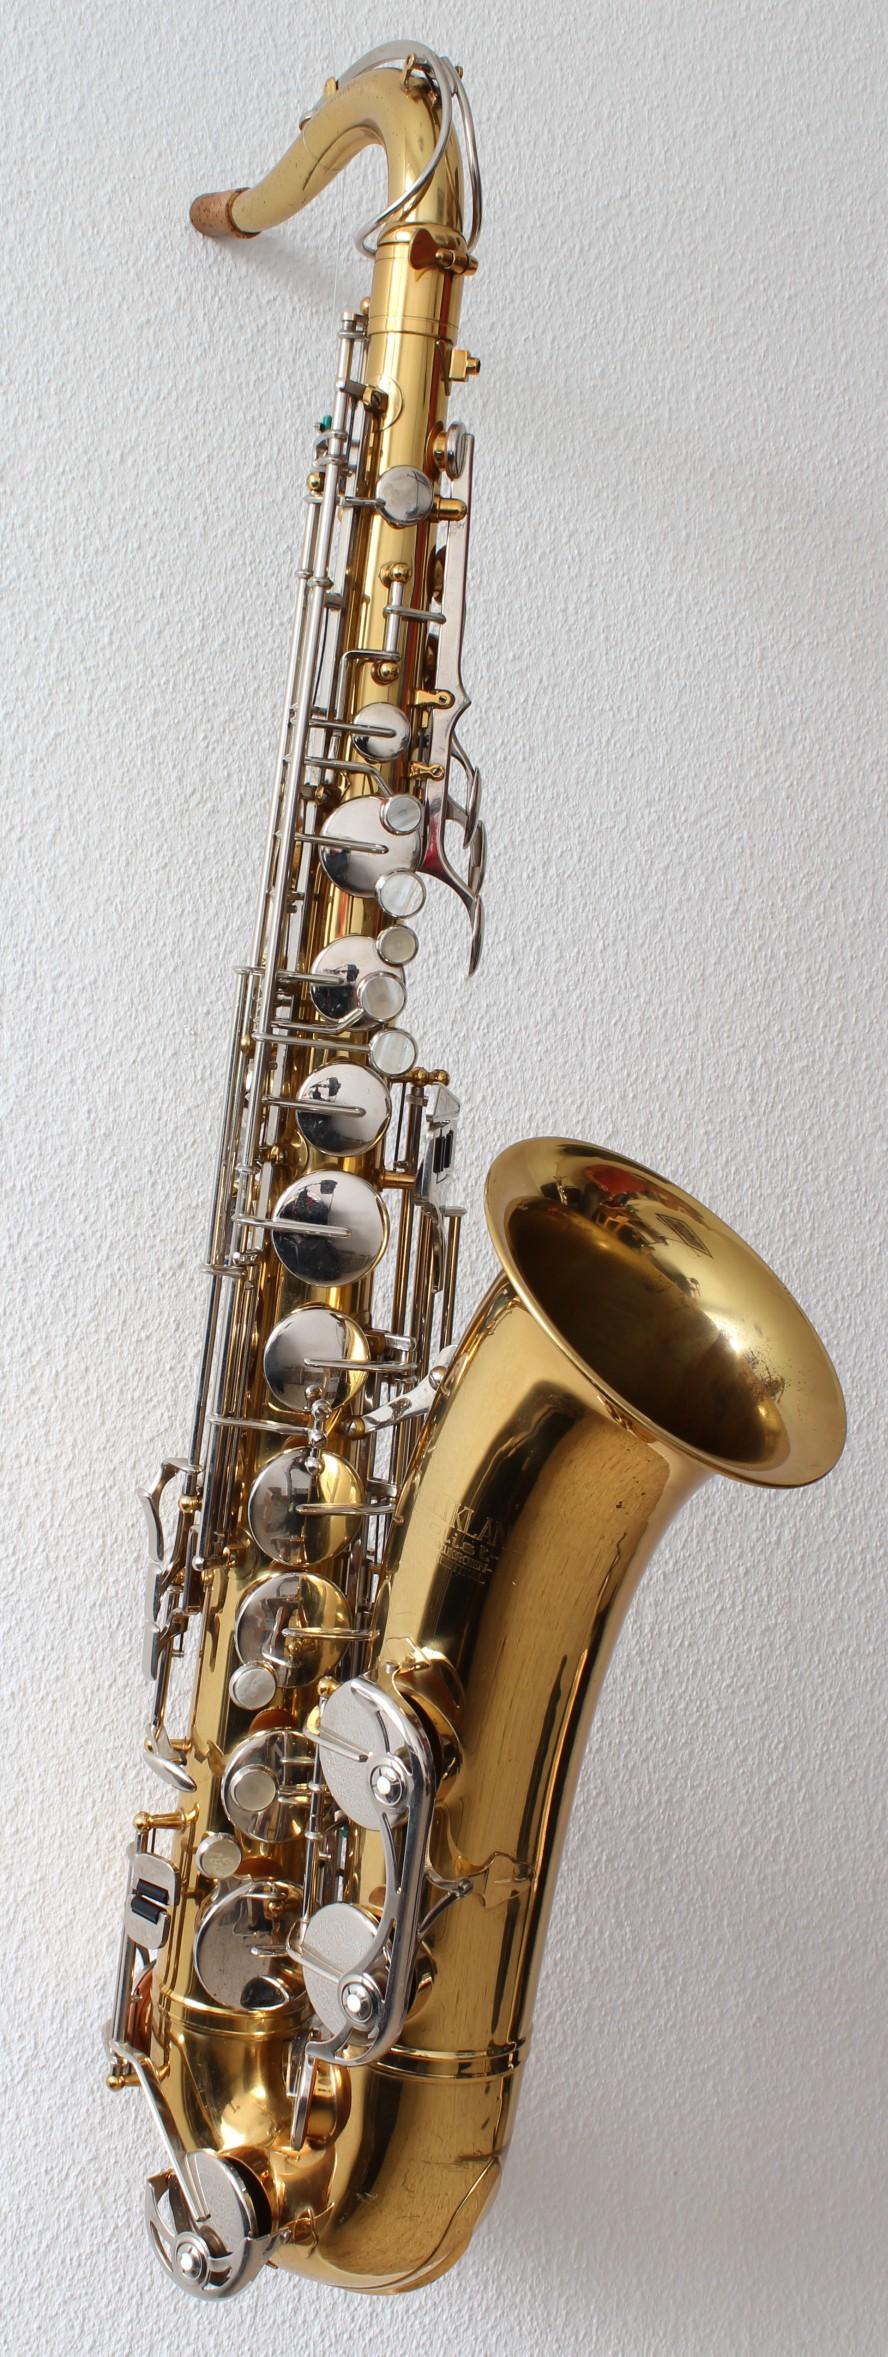 Musik Hochstrasser | Occasionen / Tenor-Sax Weltklang Solist